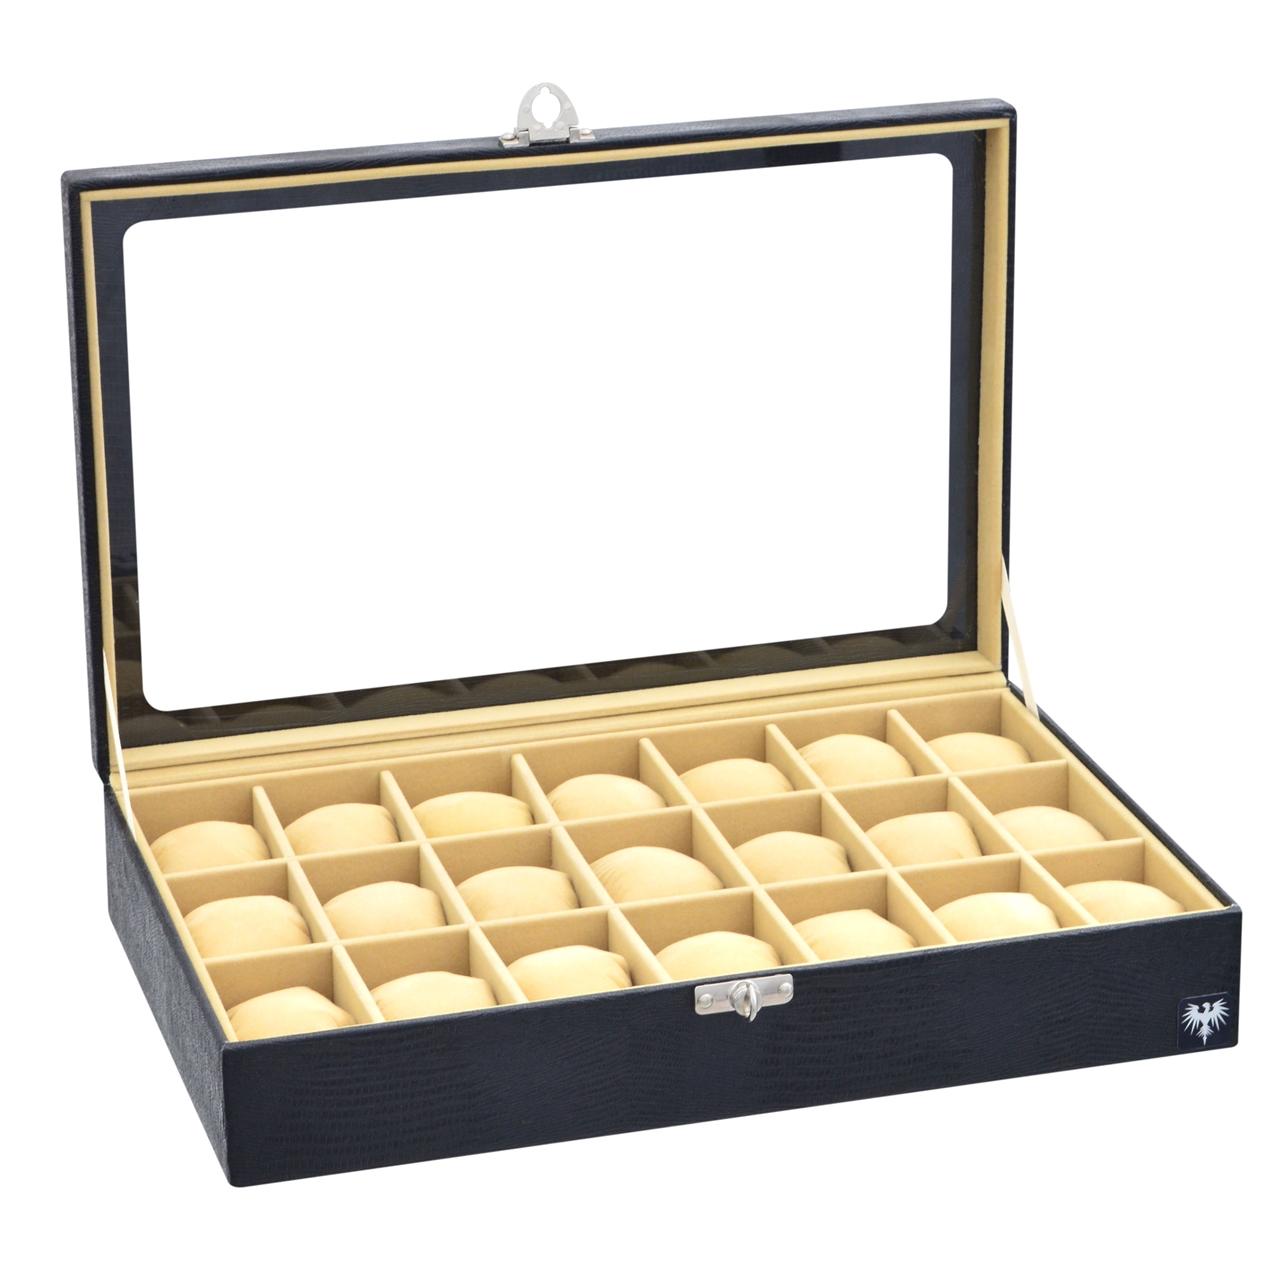 estojo-couro-ecologico-21-relogios-preto-bege-porta-caixa-imagem-3.jpg